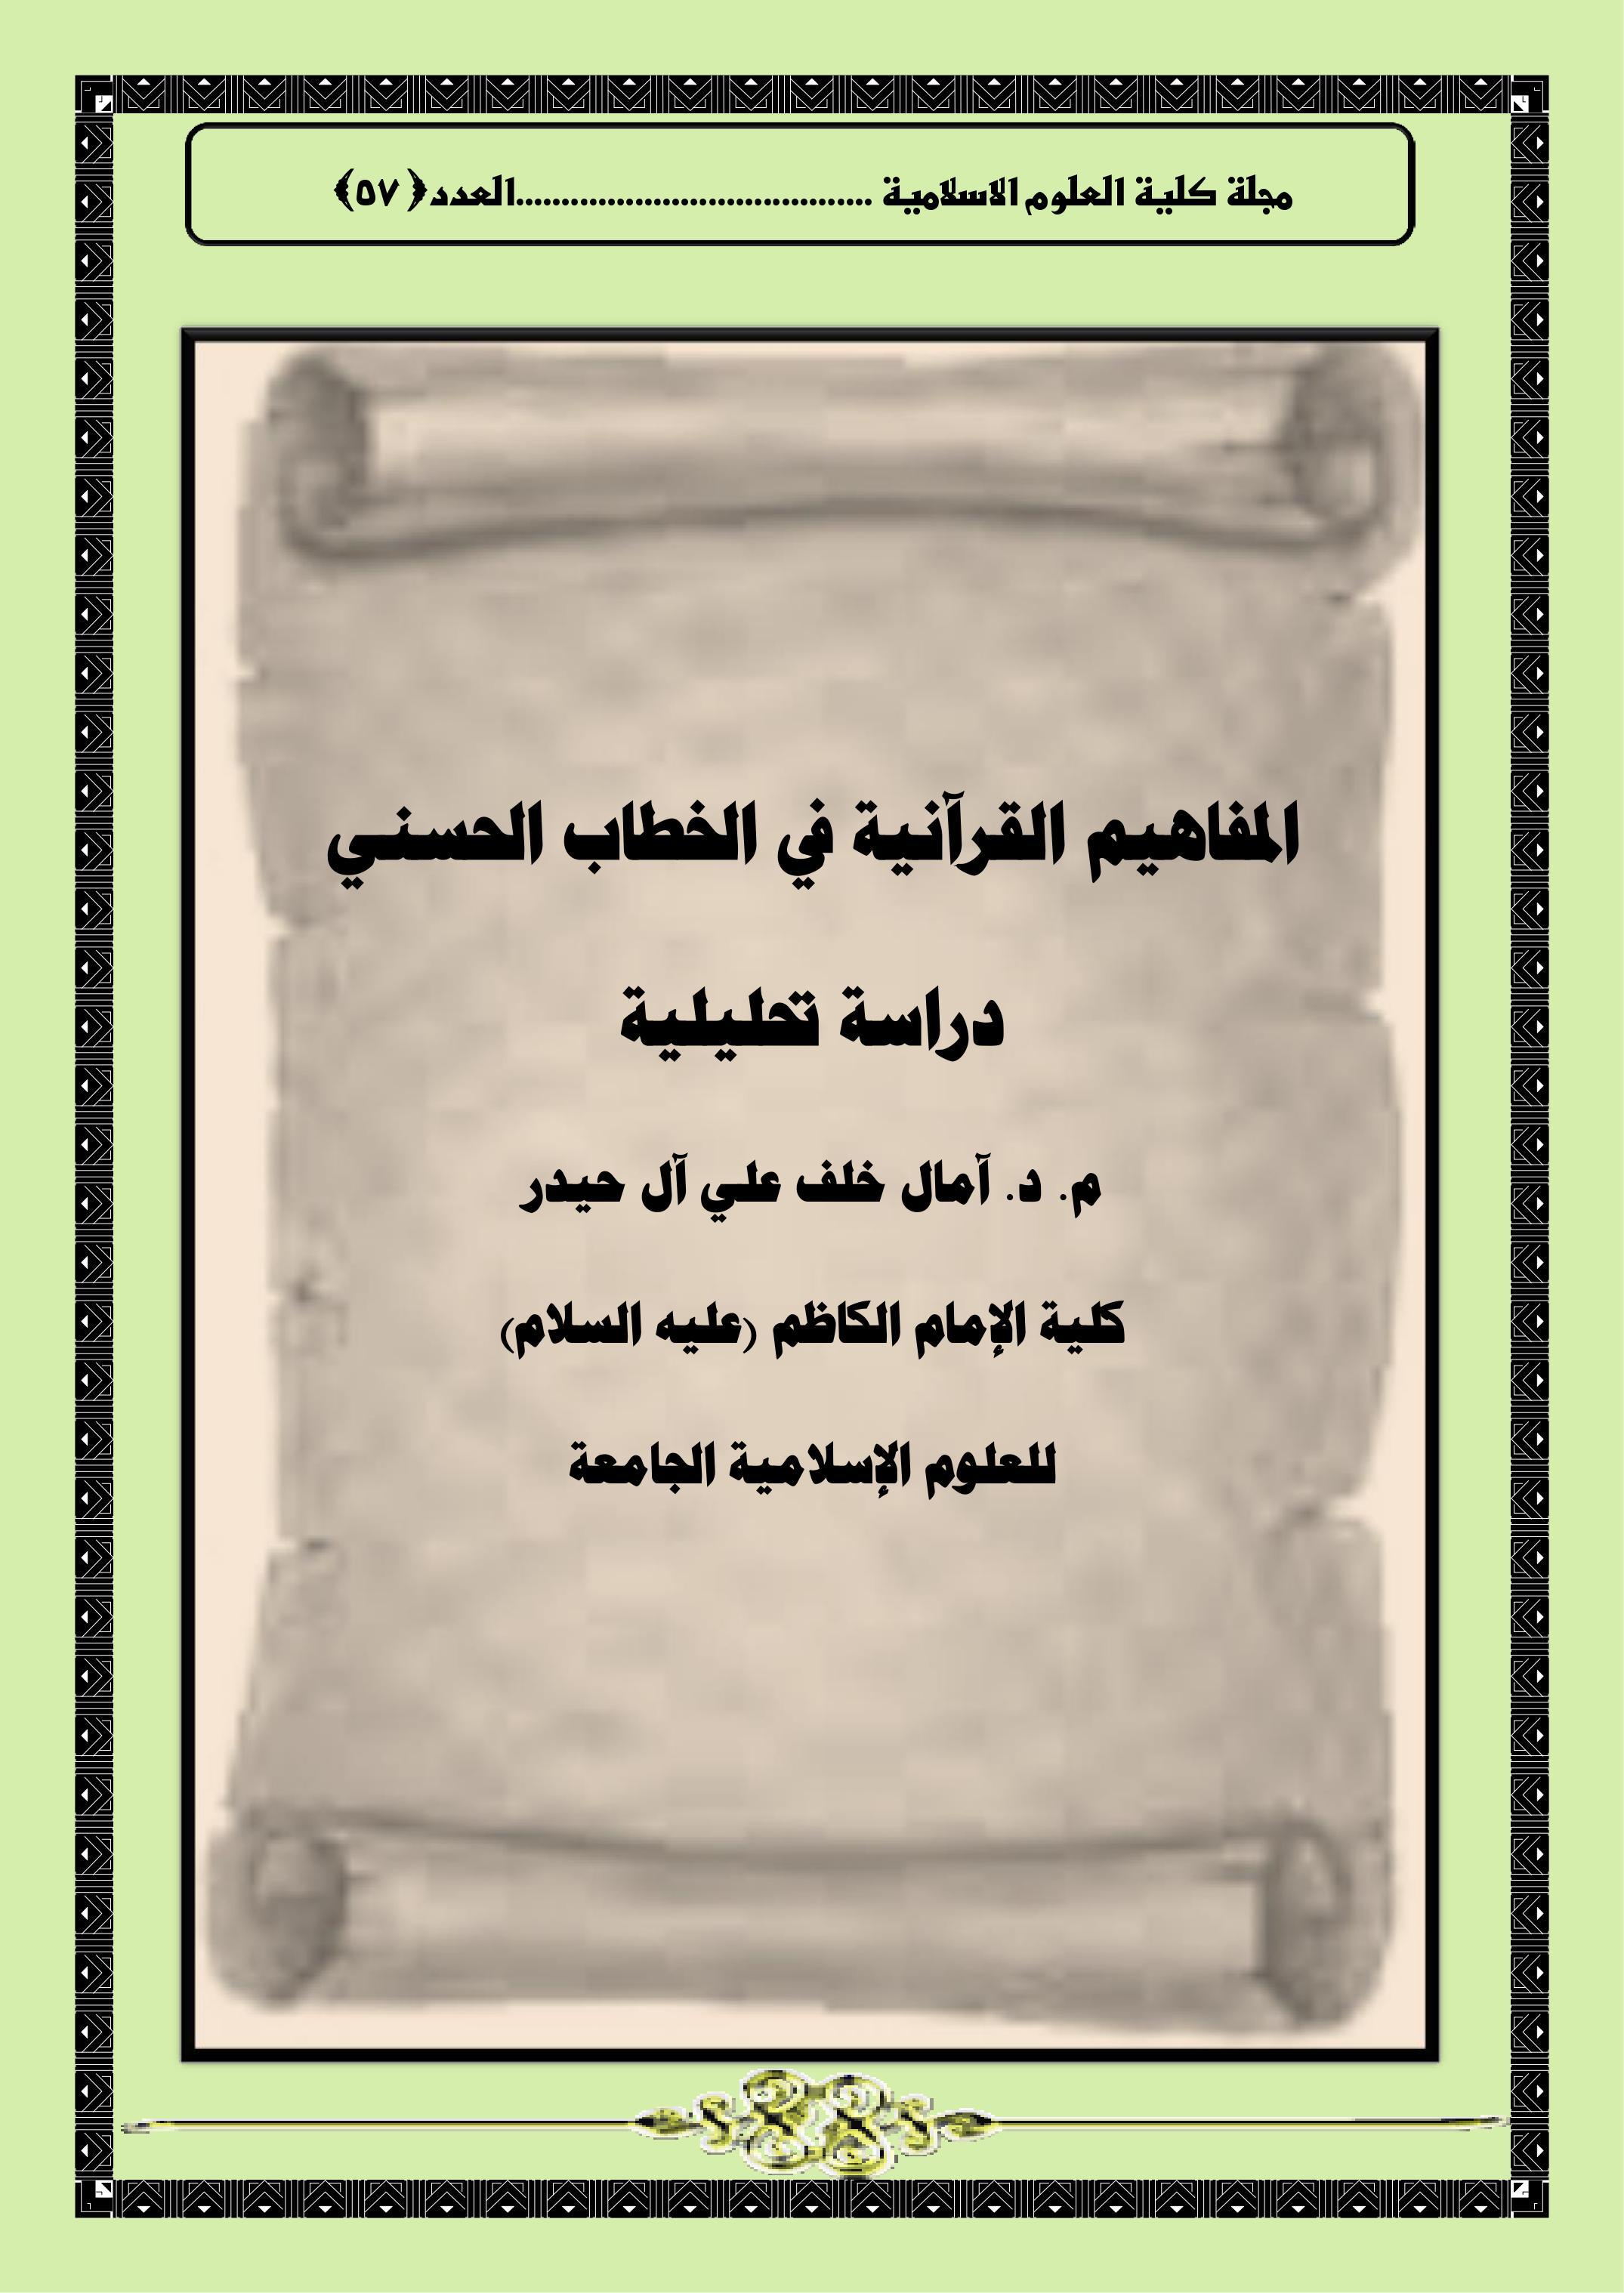 المفاهيم القرآنية في الخطاب الحسني دراسة تحليلية